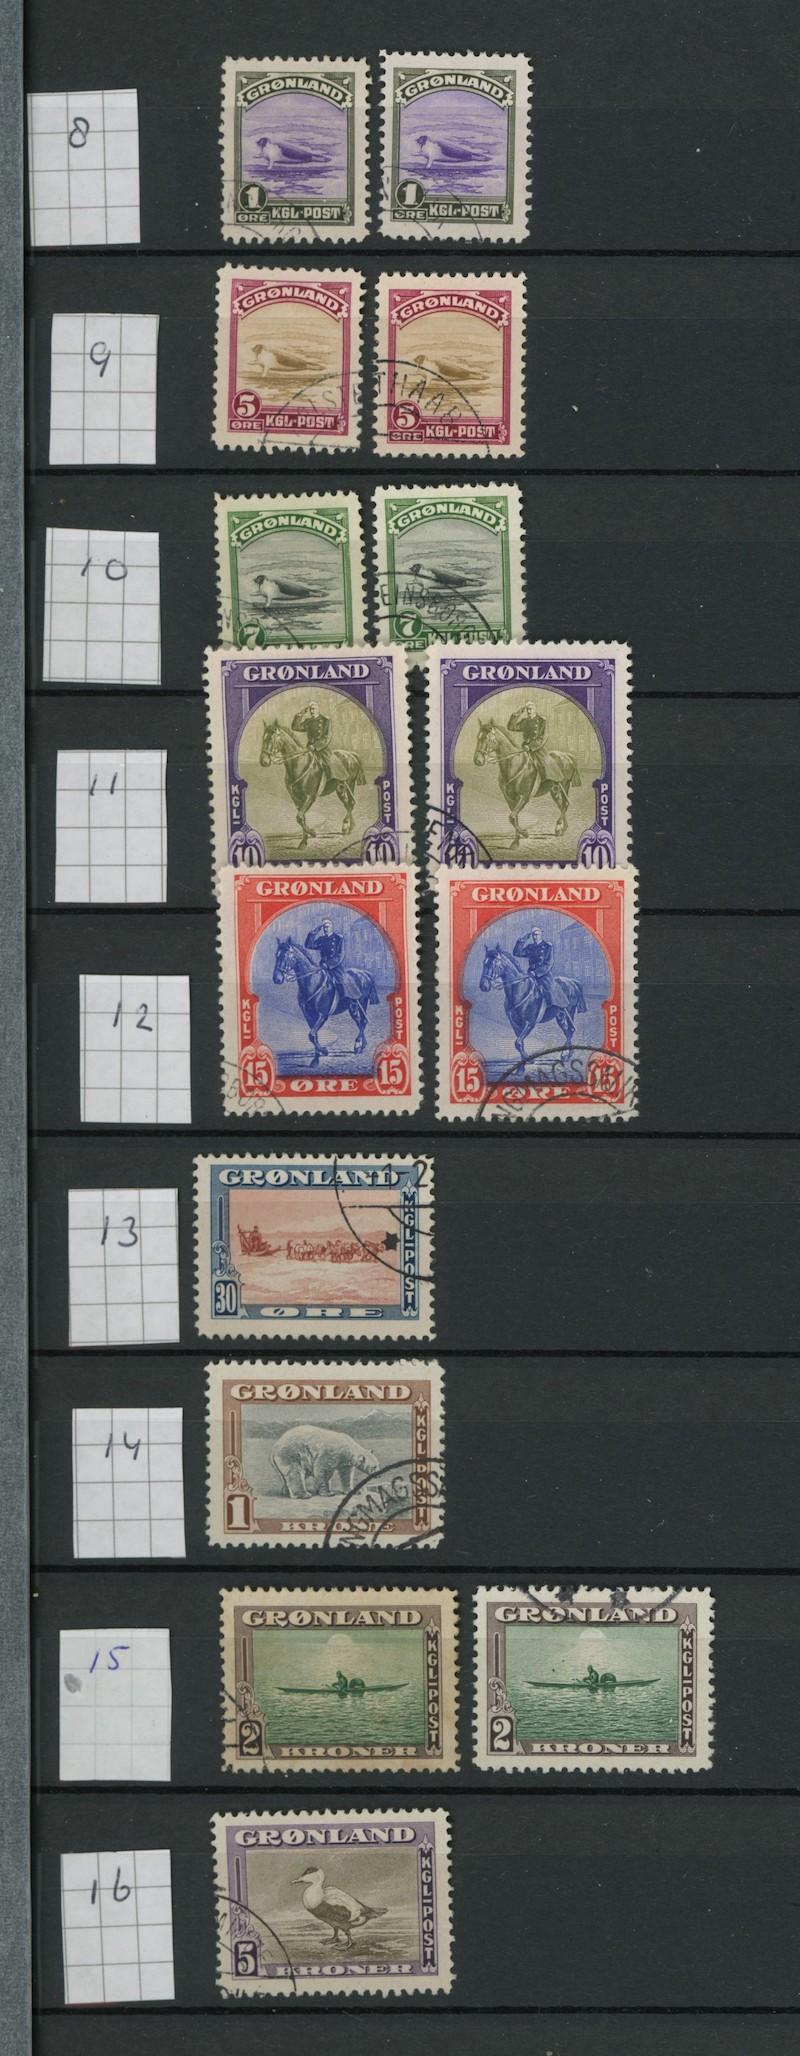 Lot 2004 - Grønland Samlinger og lotter  -  Skanfil Auksjoner AS  Public auction 211